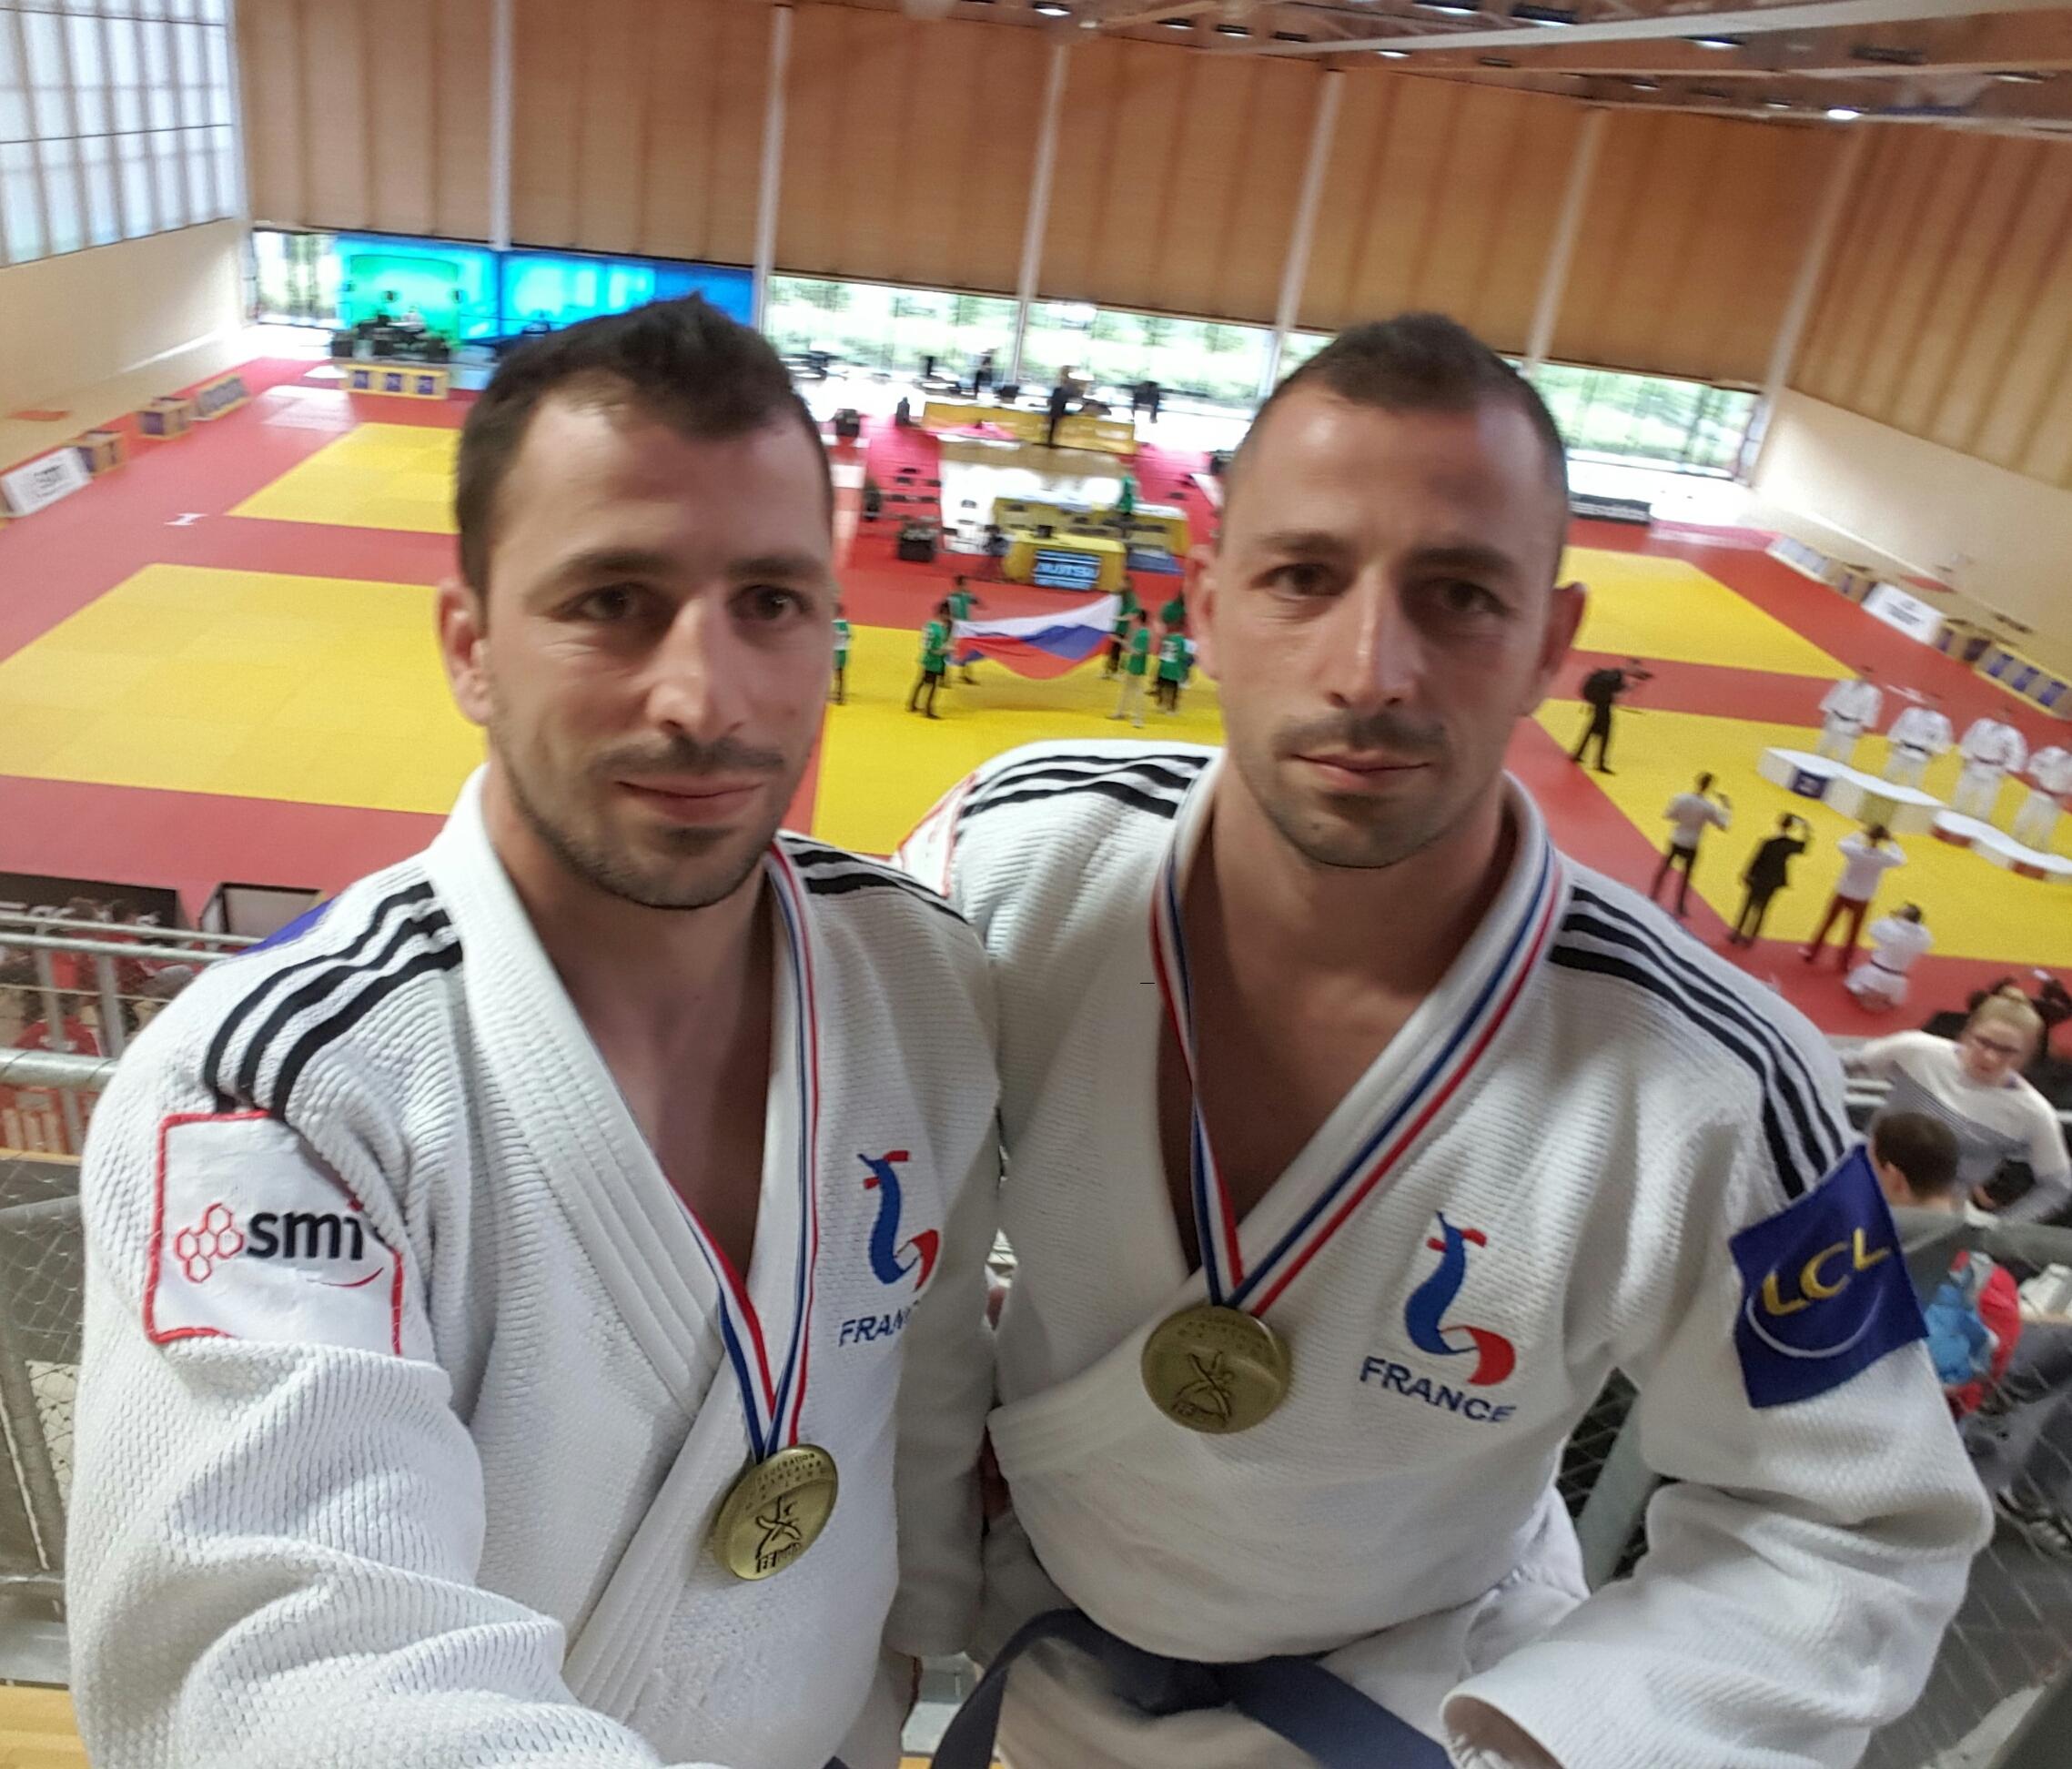 Les frères Beovardi 3èmes au tournoi international de France